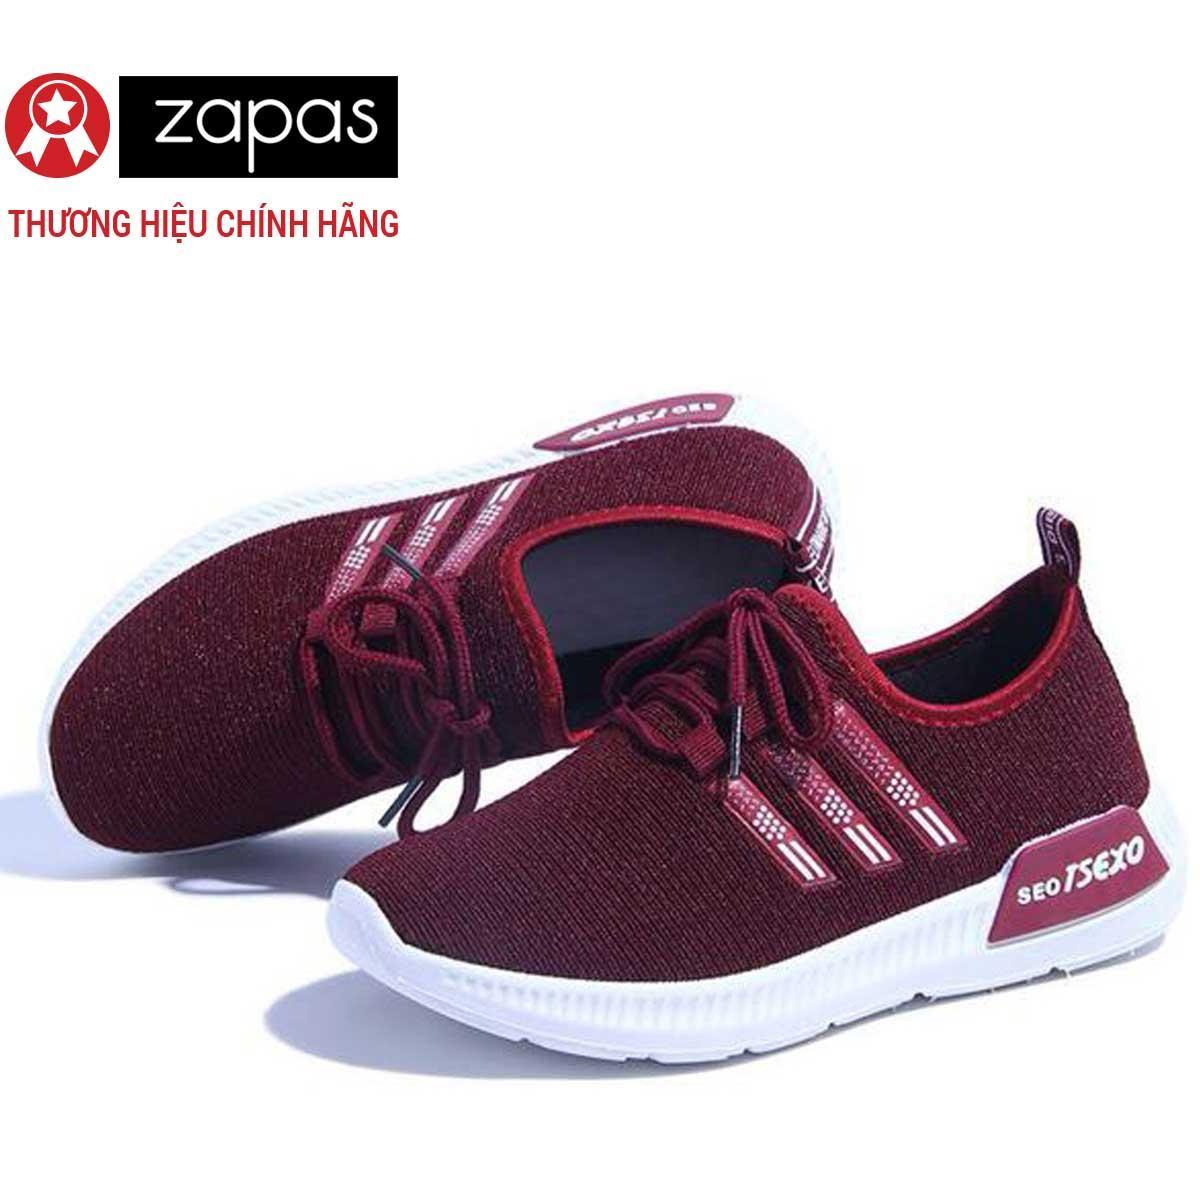 Giày Sneaker Nữ Thời Trang Zapas - GN036 (Đen)